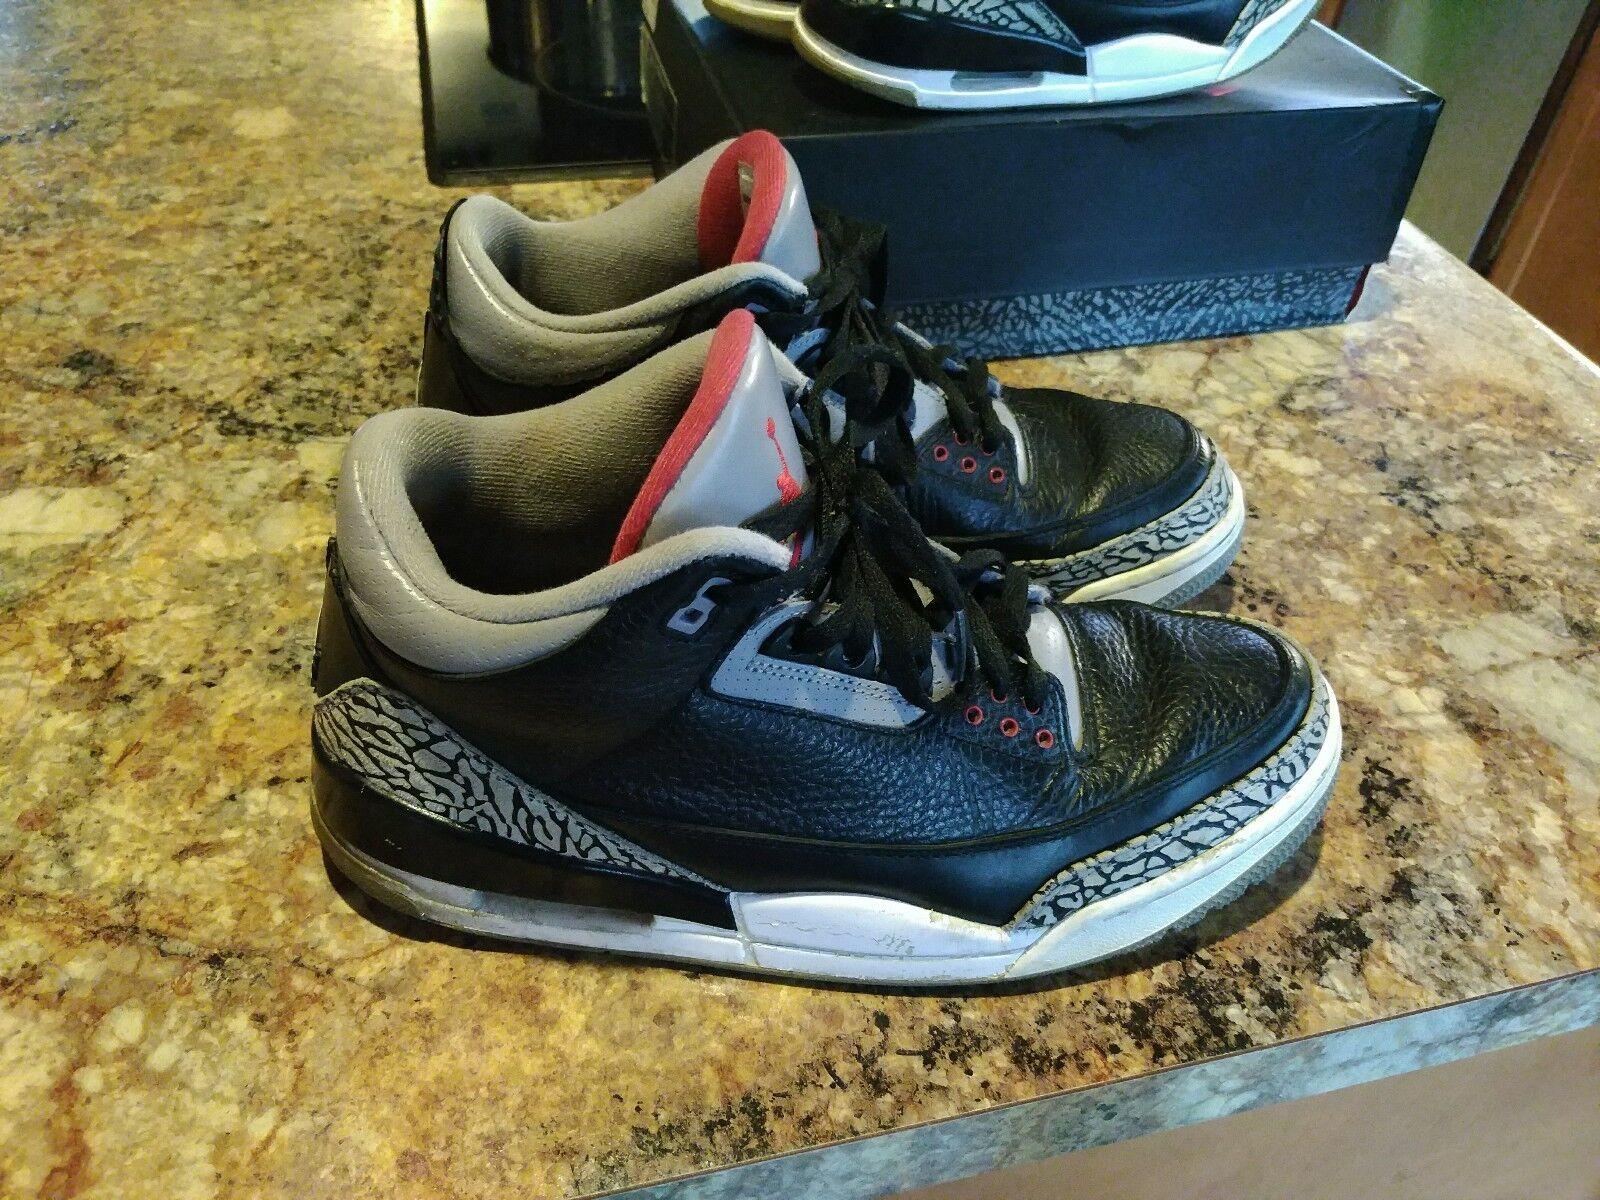 113307b26d85 Nike Air 3 Jordan 3 Air Retro (136064-010) 2011 Black Cement size 12 US (no  box) a7085e